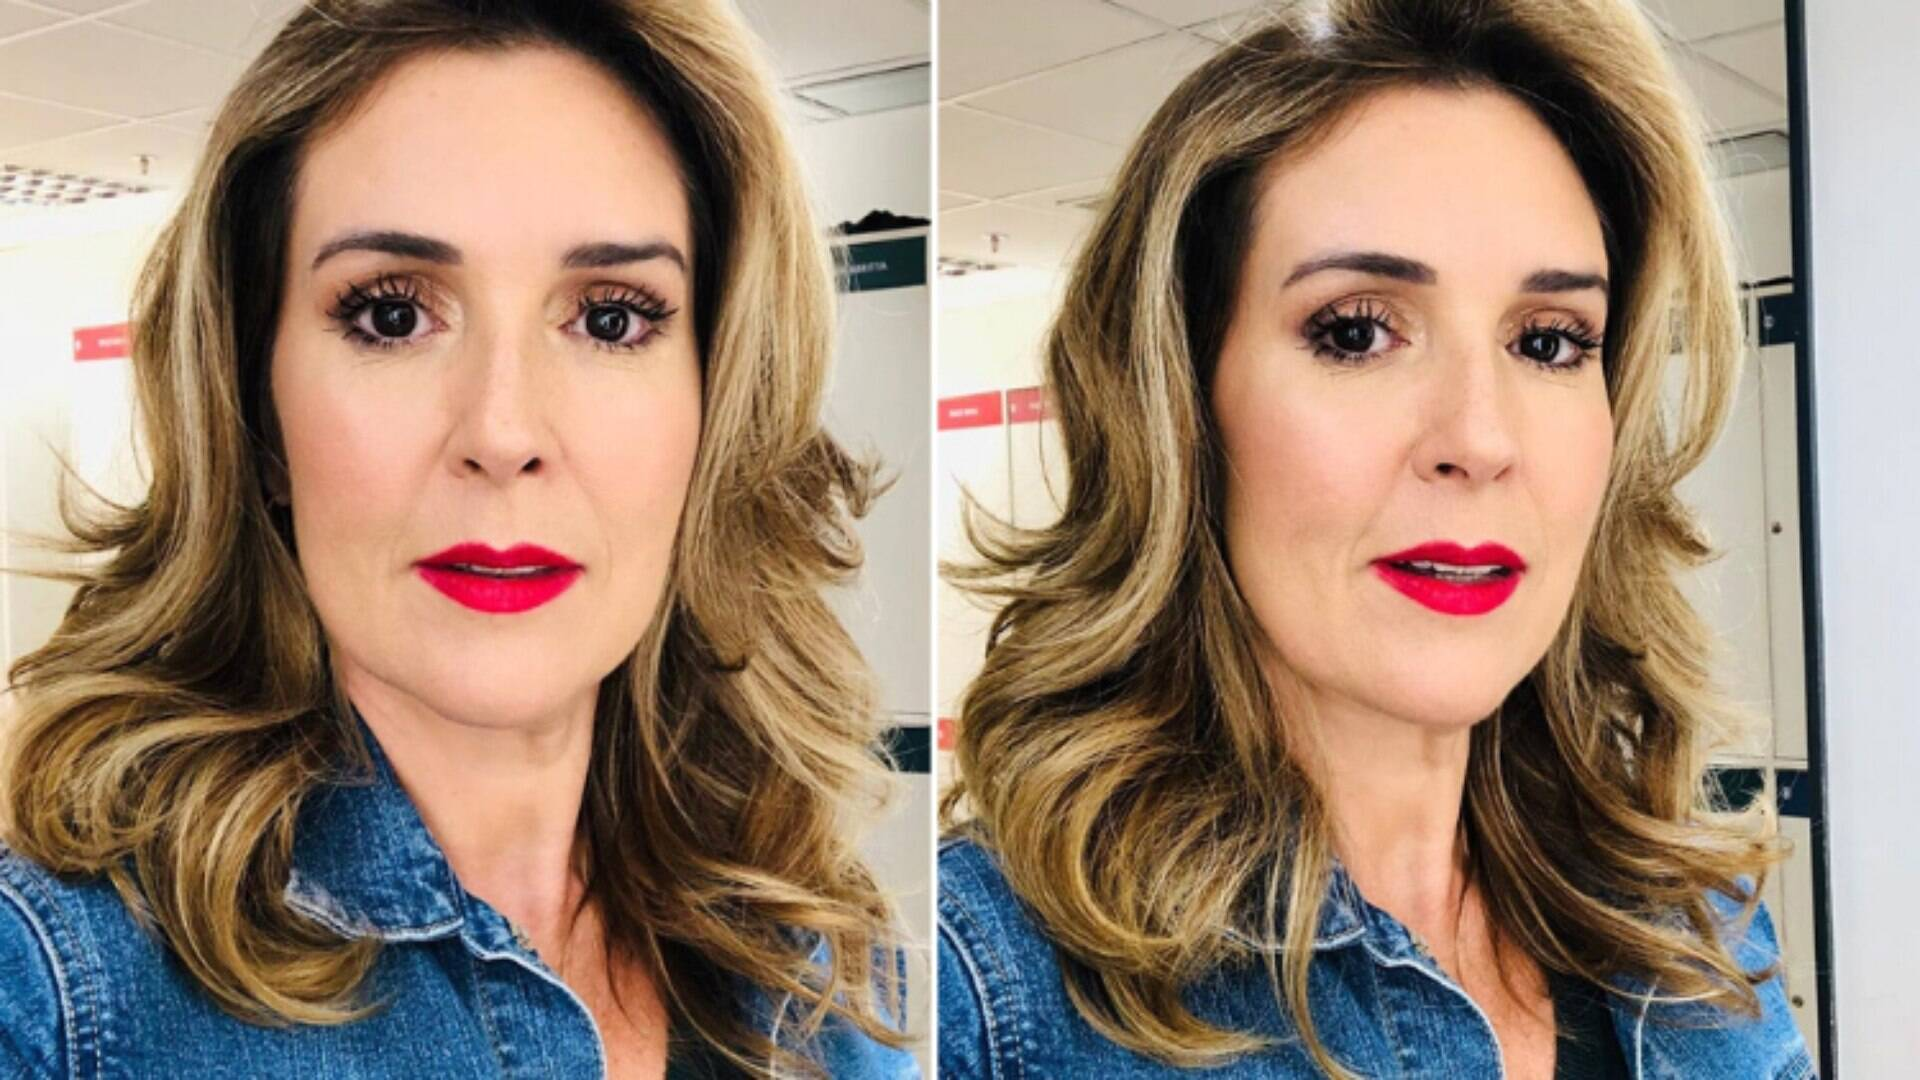 Ana Maria Braga Fotos Nua vídeo: kate middleton se irrita com william durante especial